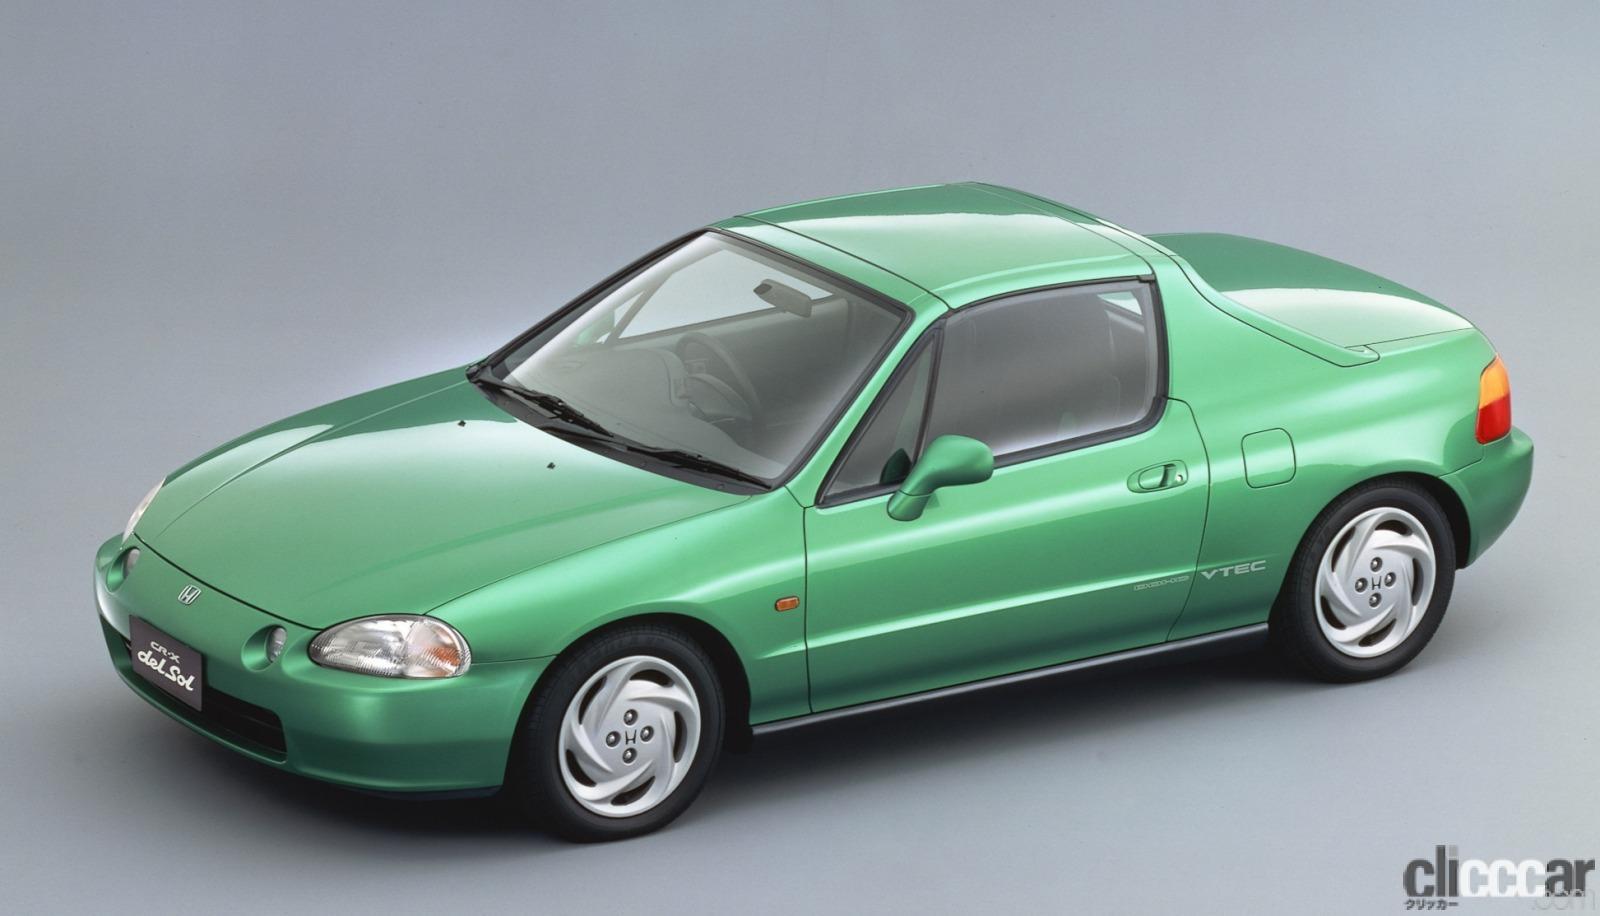 「ホンダ CR-Xデルソルが放つ南欧の光と風で、カタチも気分も変わる【ネオ・クラシックカー・グッドデザイン太鼓判「個性車編」第11回】」の5枚目の画像